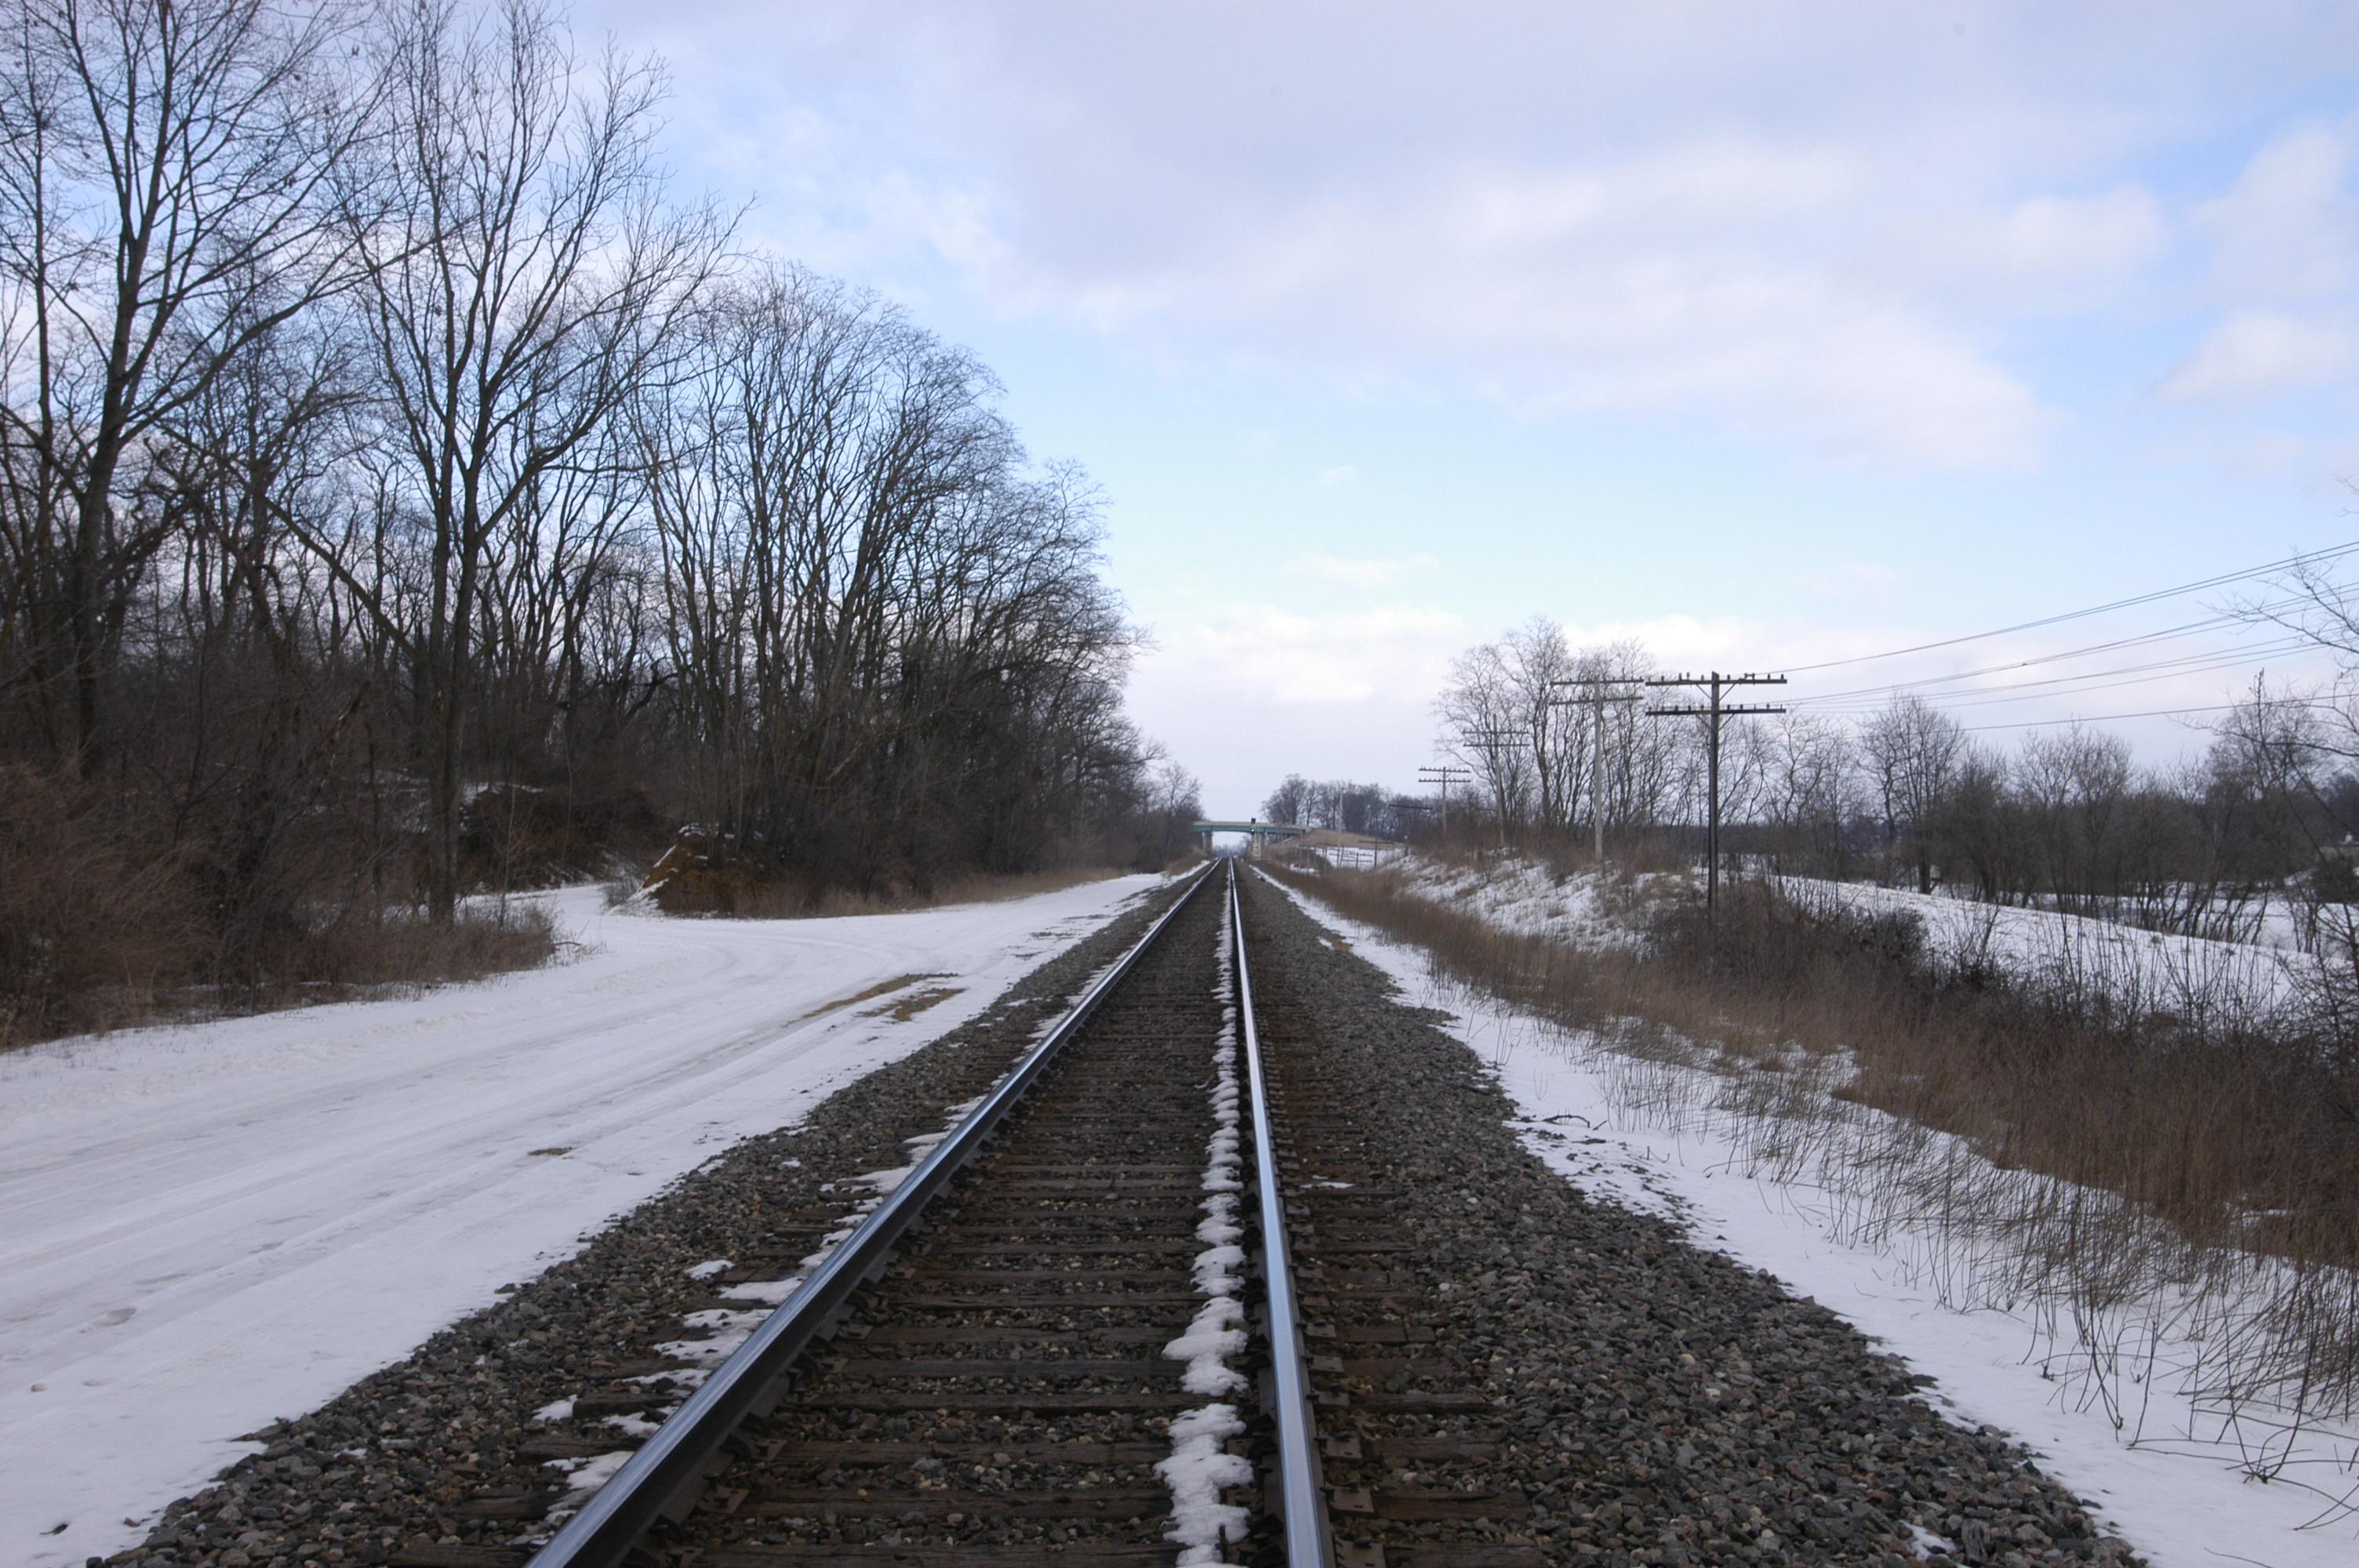 Illinois ogle county polo - File Ogle County Near Polo Il Railroad Tracks Jpg